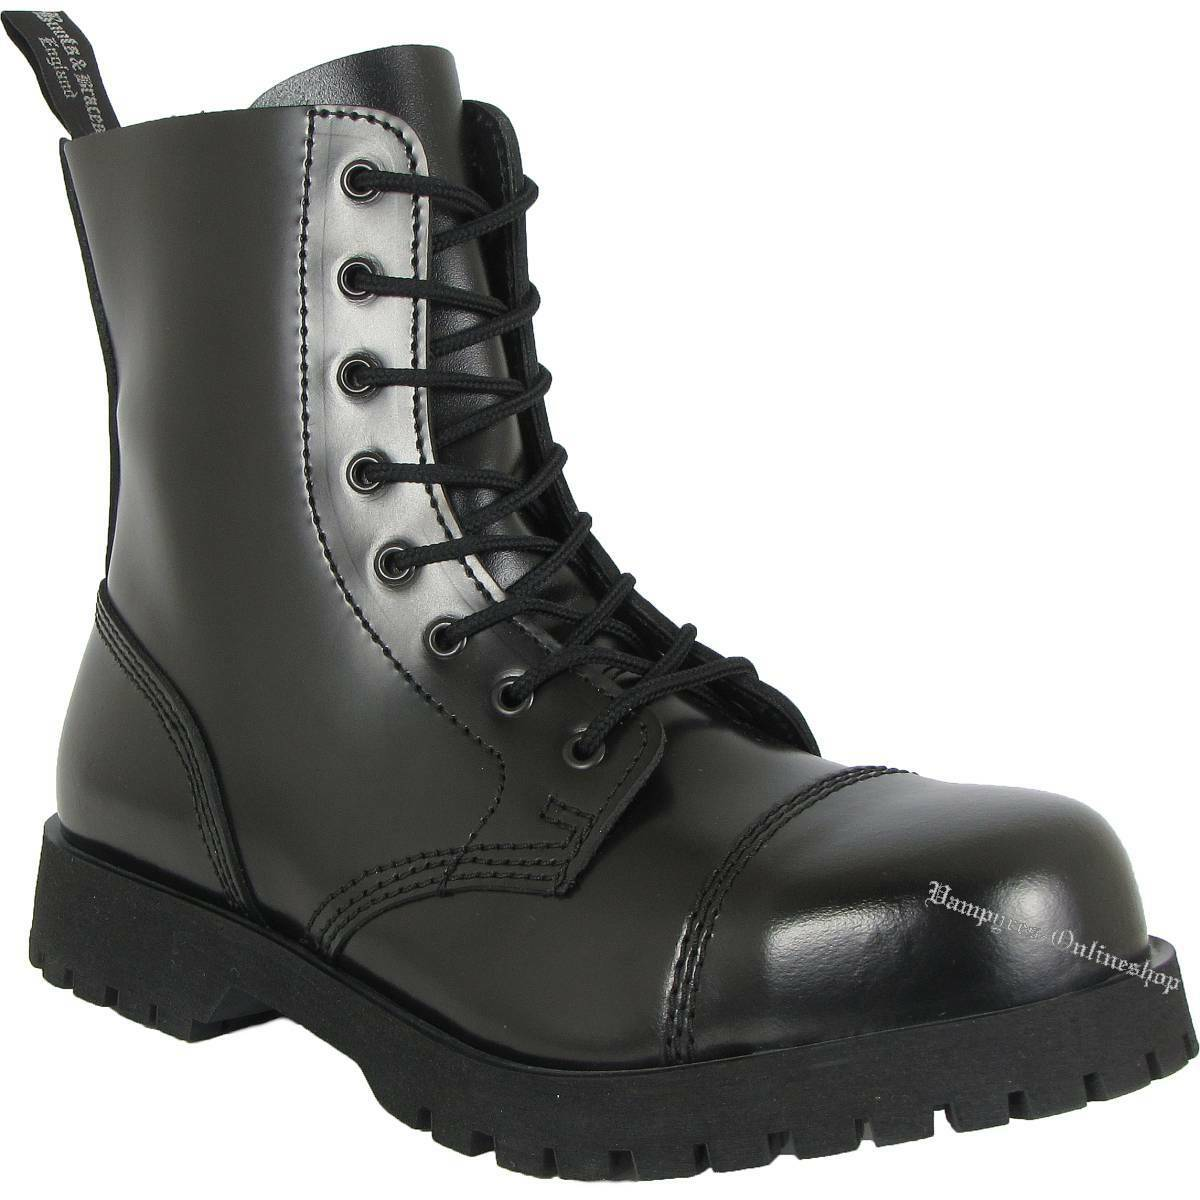 stivali and Braces 8 fori Rangers Nero Cappuccio Acciaio Stivali Di Pelle scarpe nero | Moderno Ed Elegante Nella Moda  | Sig/Sig Ra Scarpa